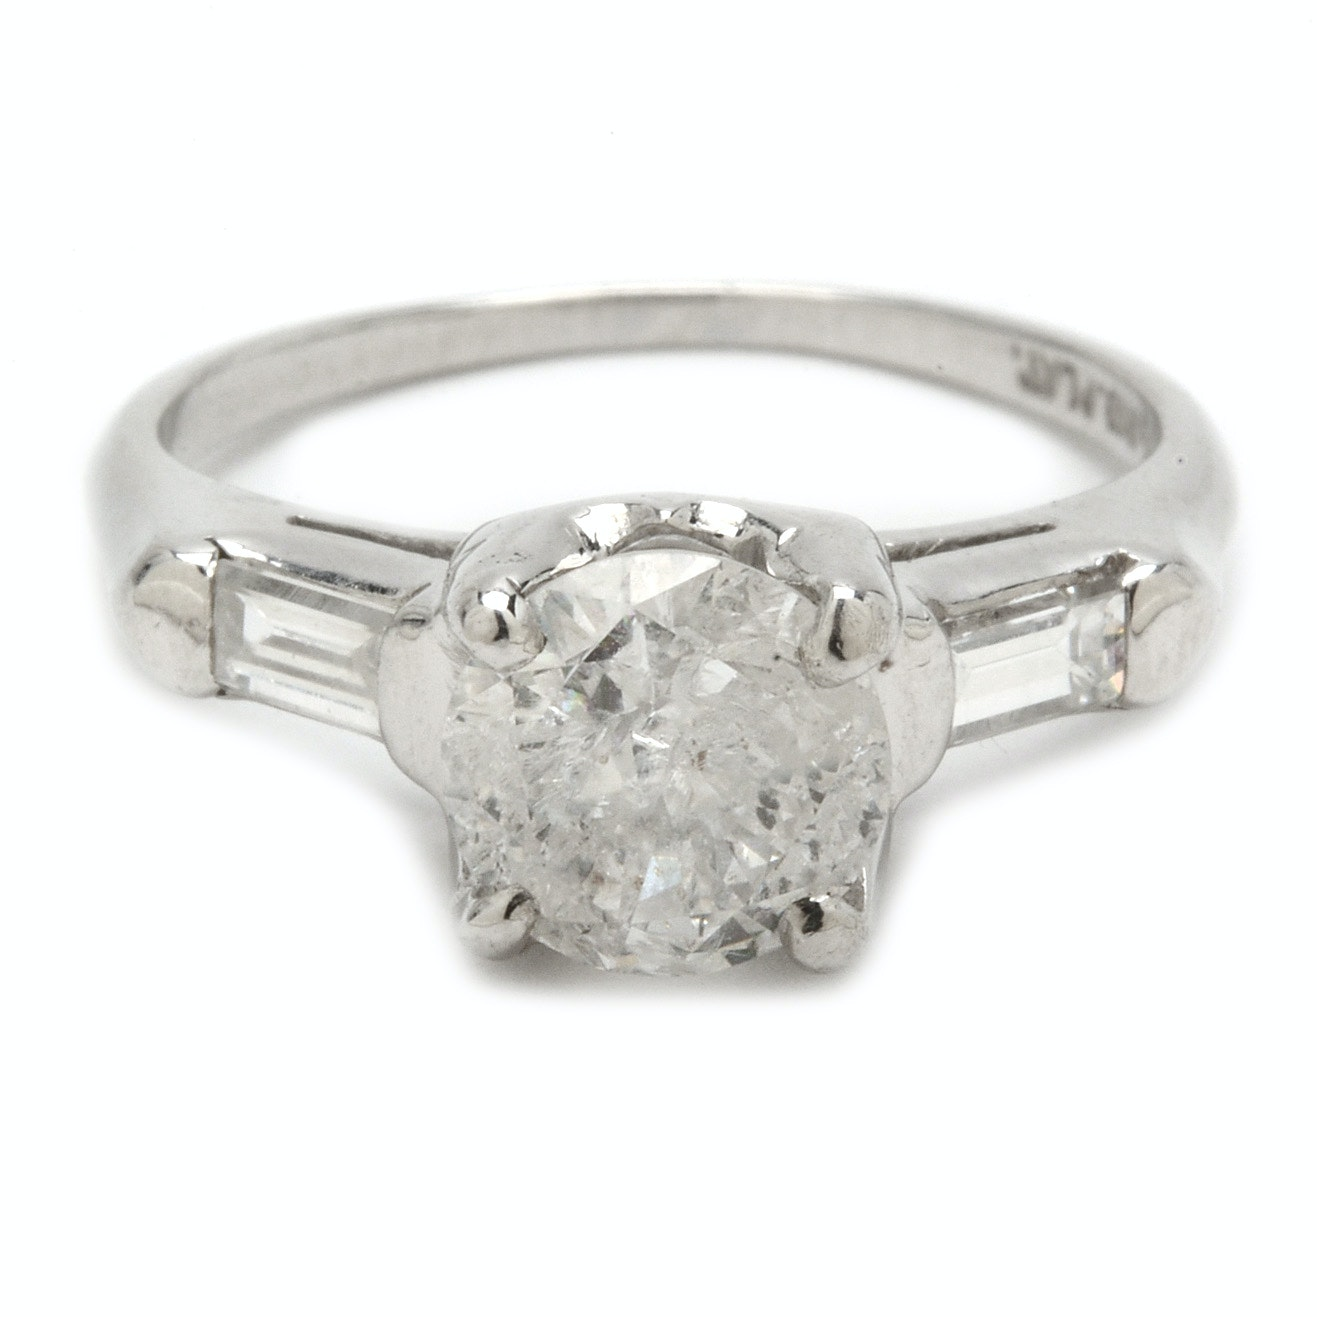 Platinum 1.03 CT Diamond Ring